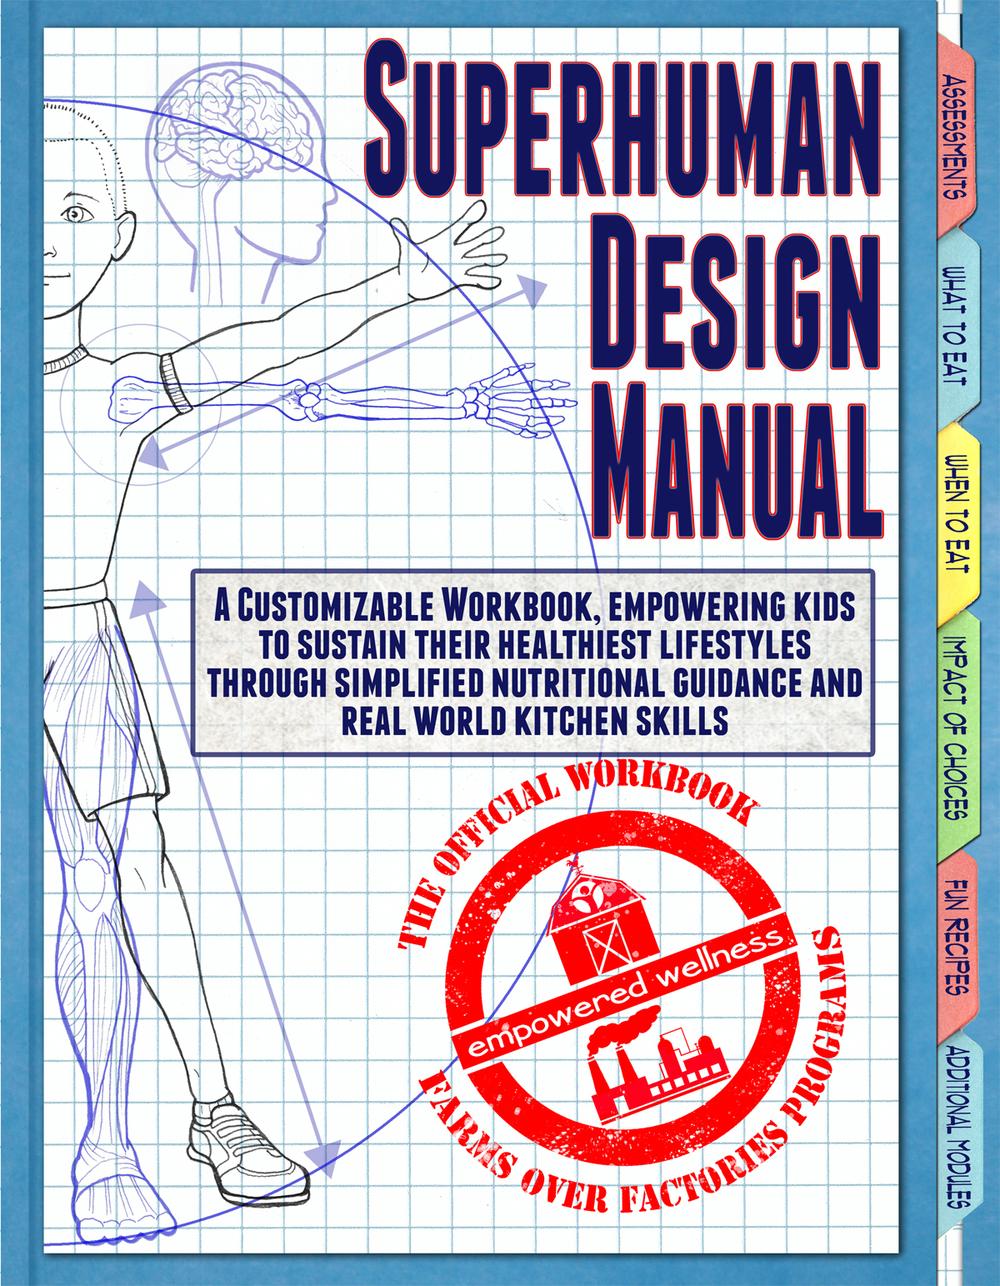 Superhuman Design Manual - Activity Book — Empowered Wellness